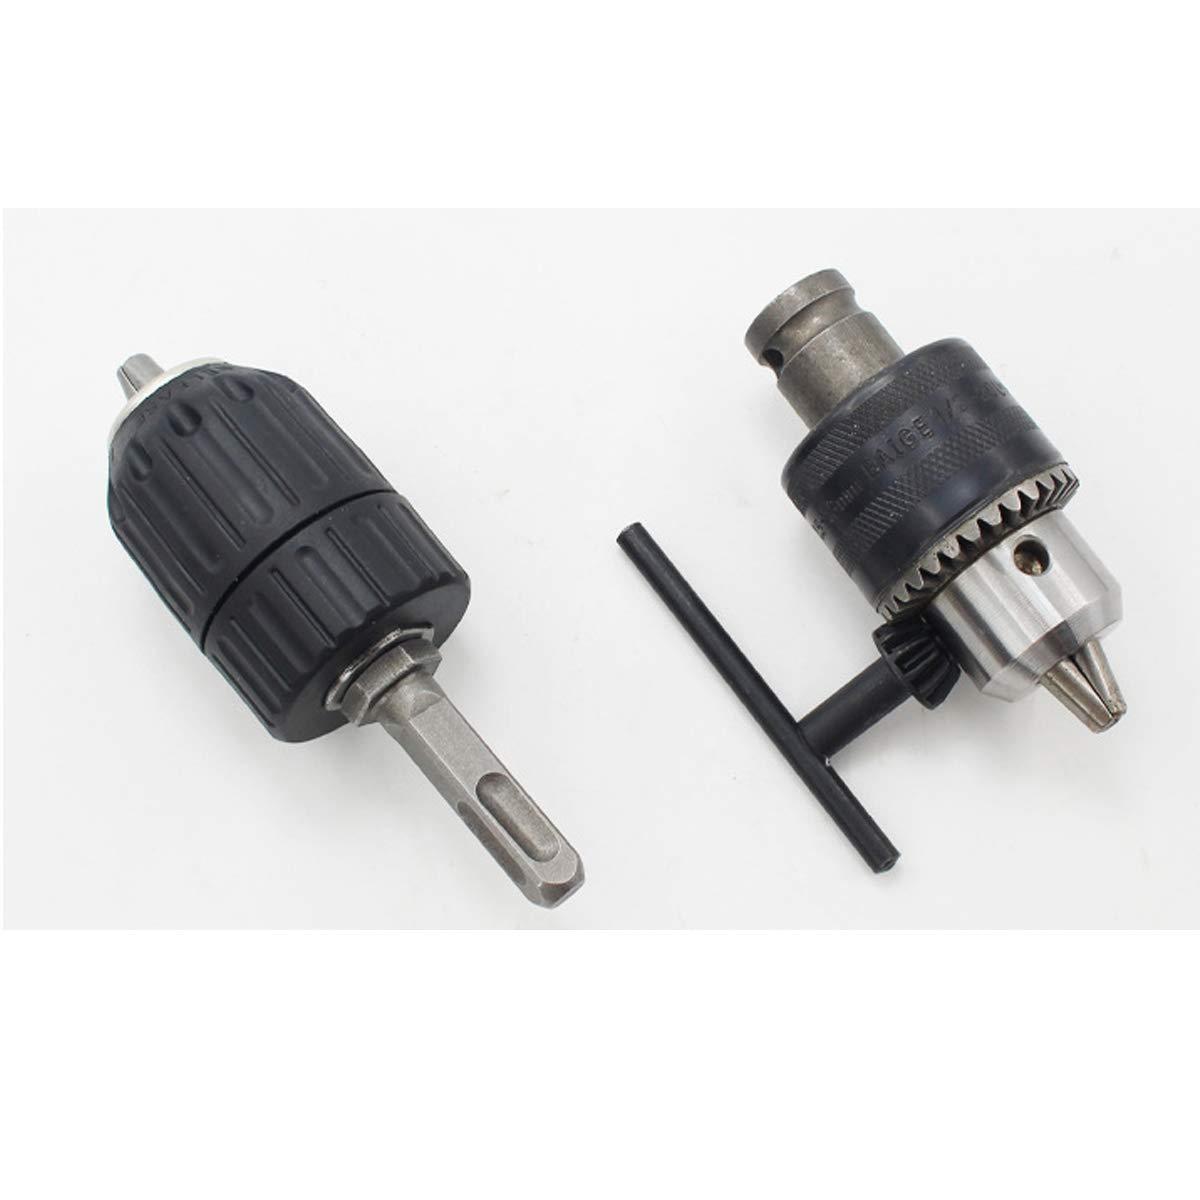 20UNF Kit di utensili per convertitori di mandrino con chiave precisa con adattatore per presa resistente da 1//2 1//4 SDS-Plus e attacco esagonale 8pcs 1//2 1,5-13 mm chiave per mandrino da 13mm